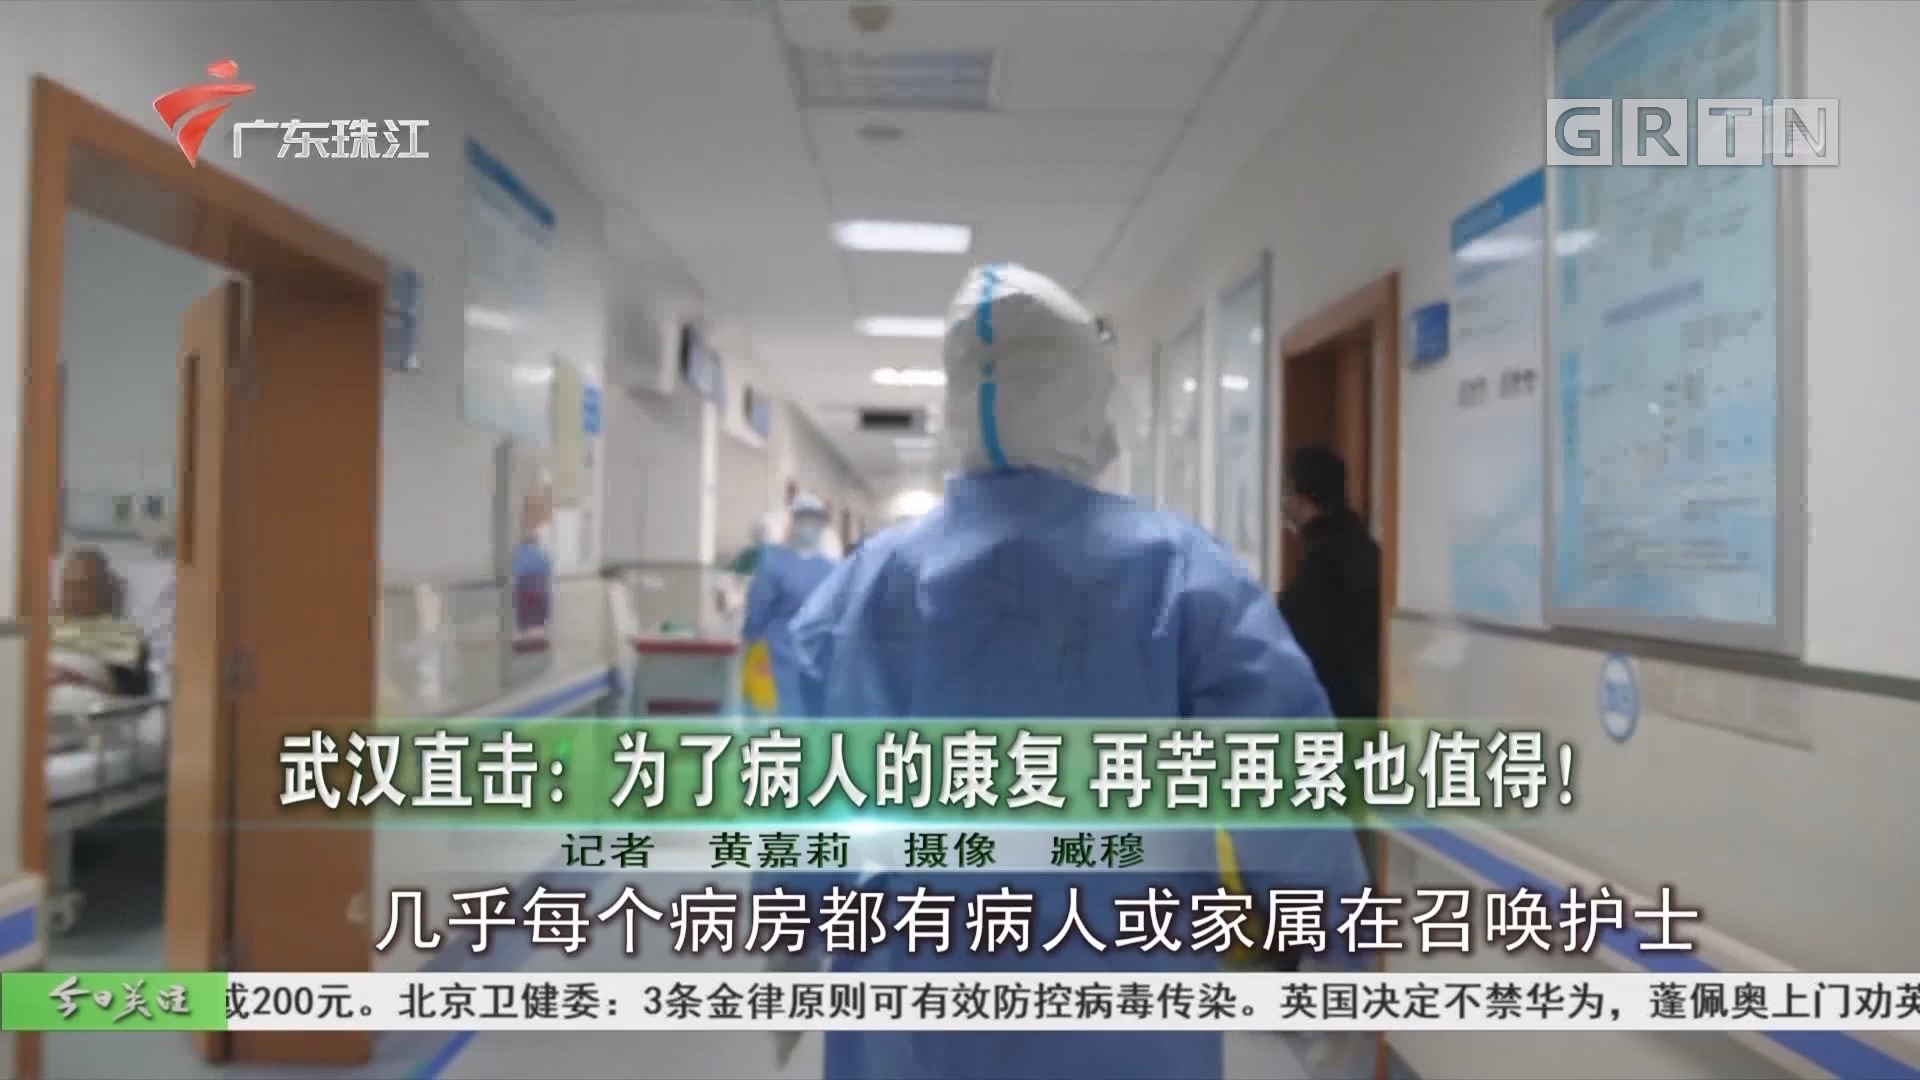 武汉直击:为了病人的康复 再苦再累也值得!